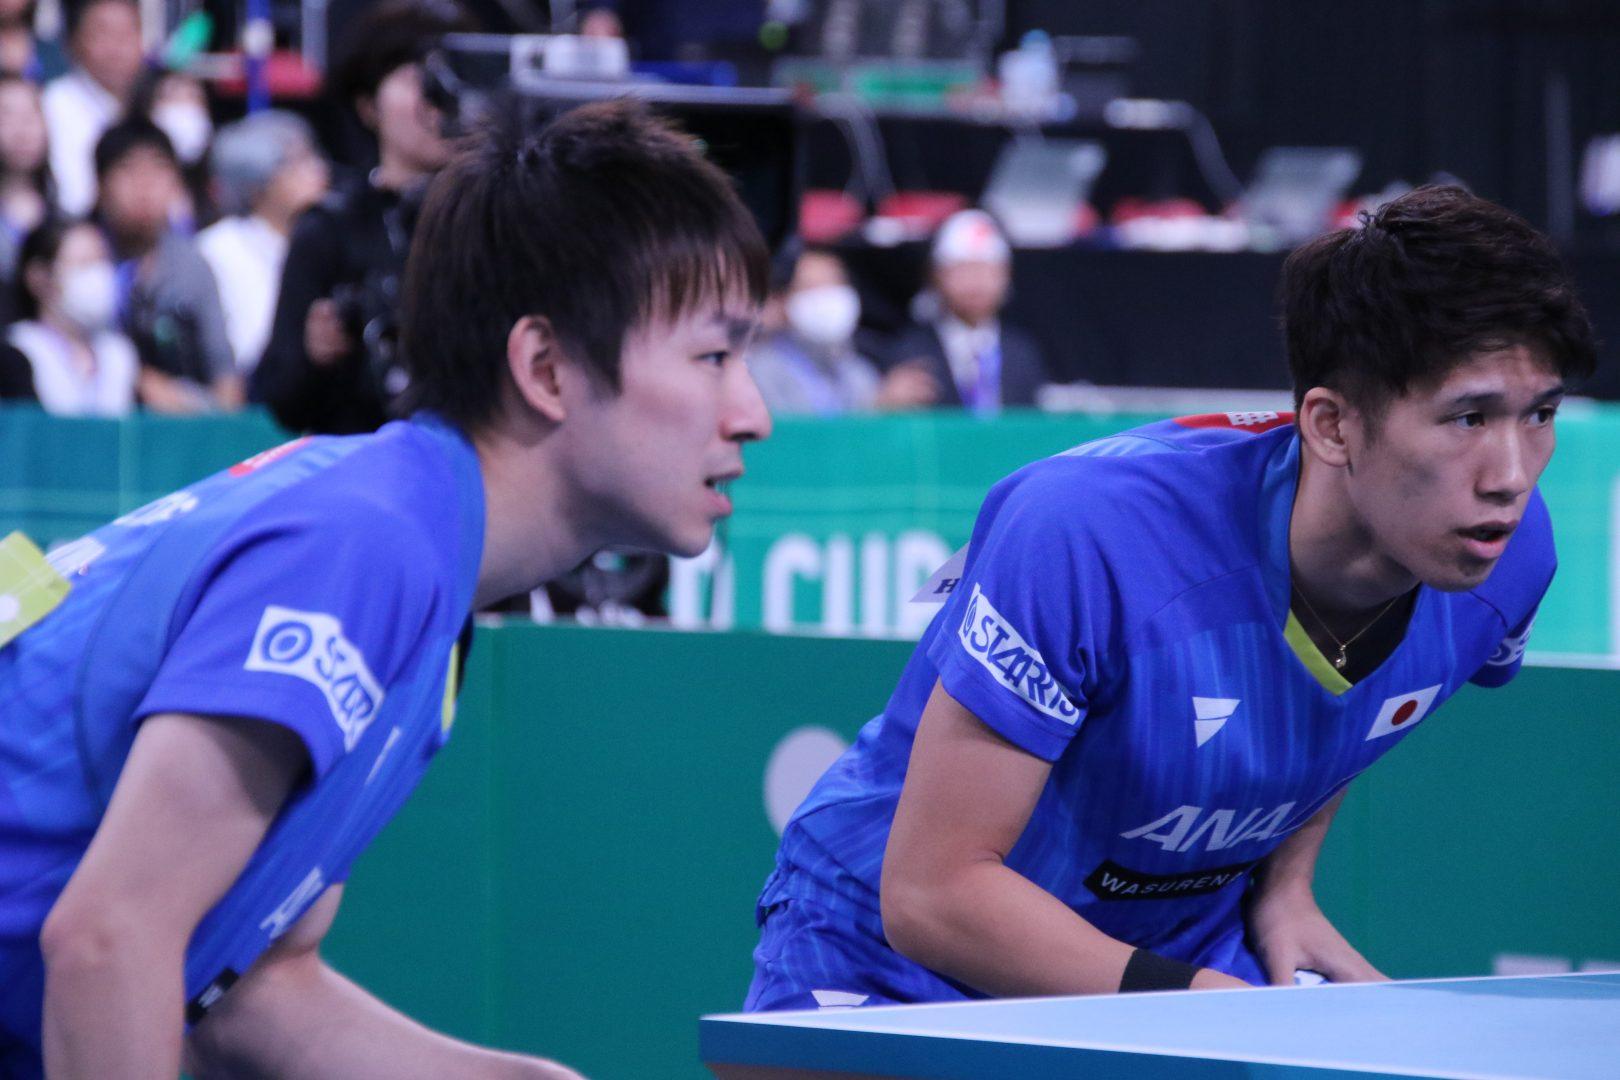 日本男子、準々決勝で強豪・ドイツと対戦 オーダーも発表<JA全農 卓球チームワールドカップ>